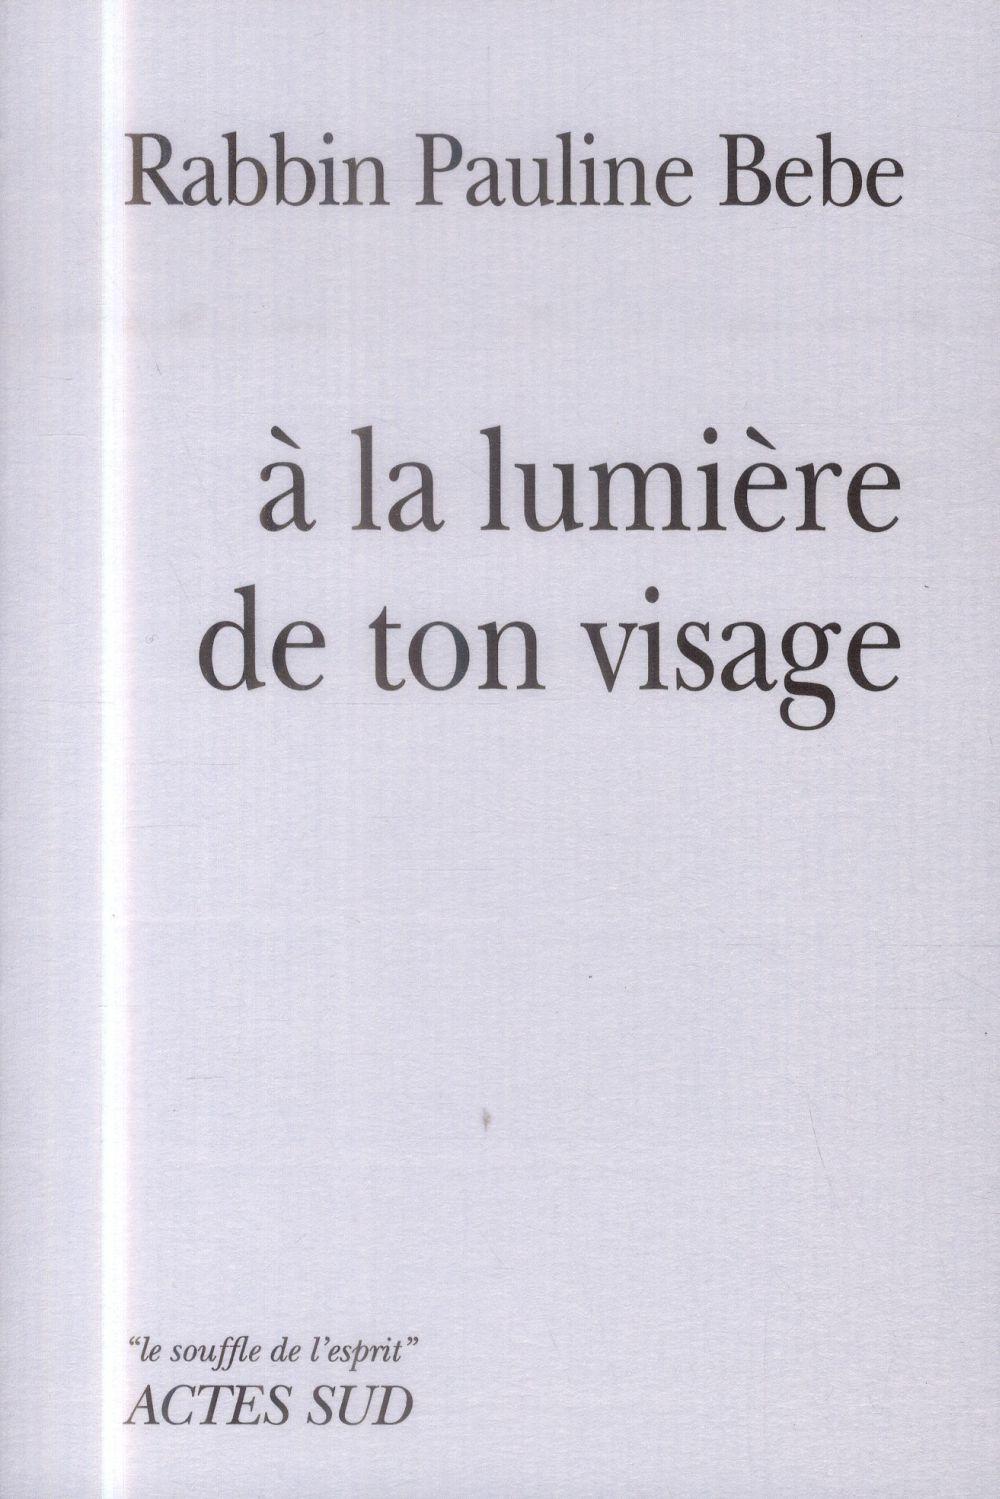 A La Lumiere De Ton Visage